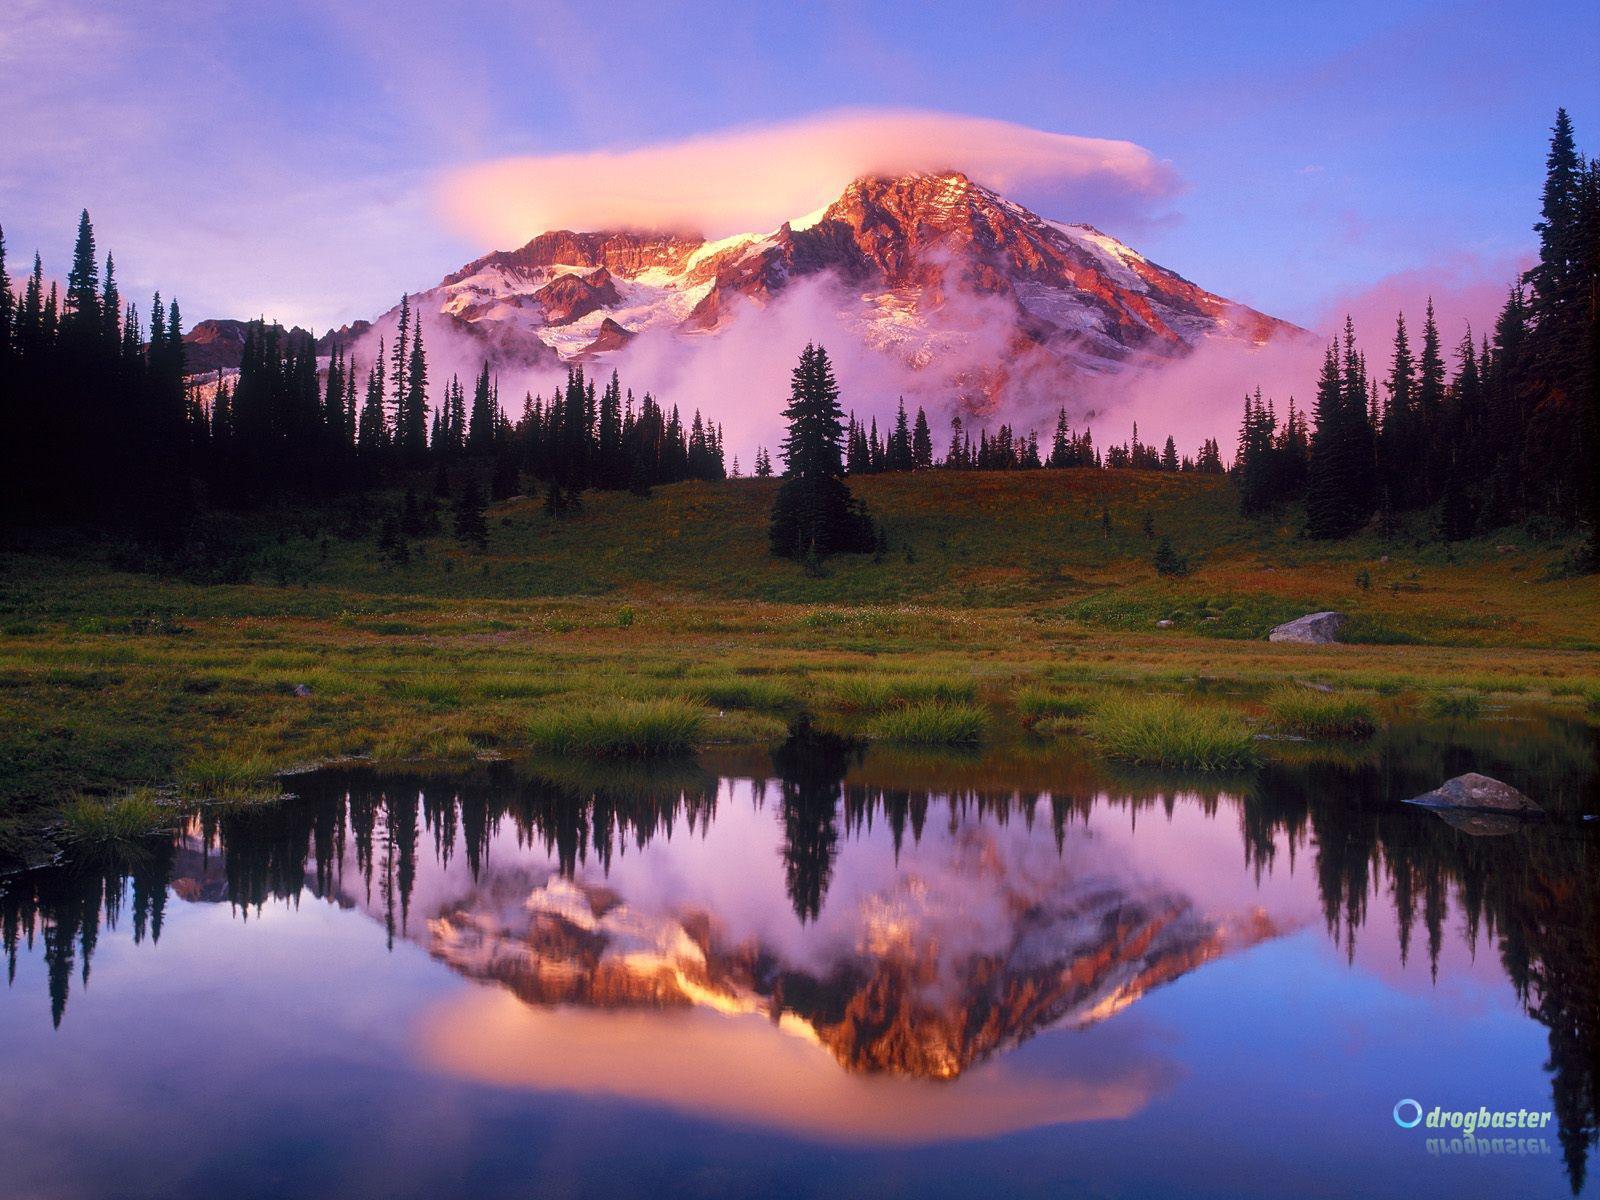 Sfondi dei paesaggi pi belli del mondo for Paesaggi bellissimi per desktop